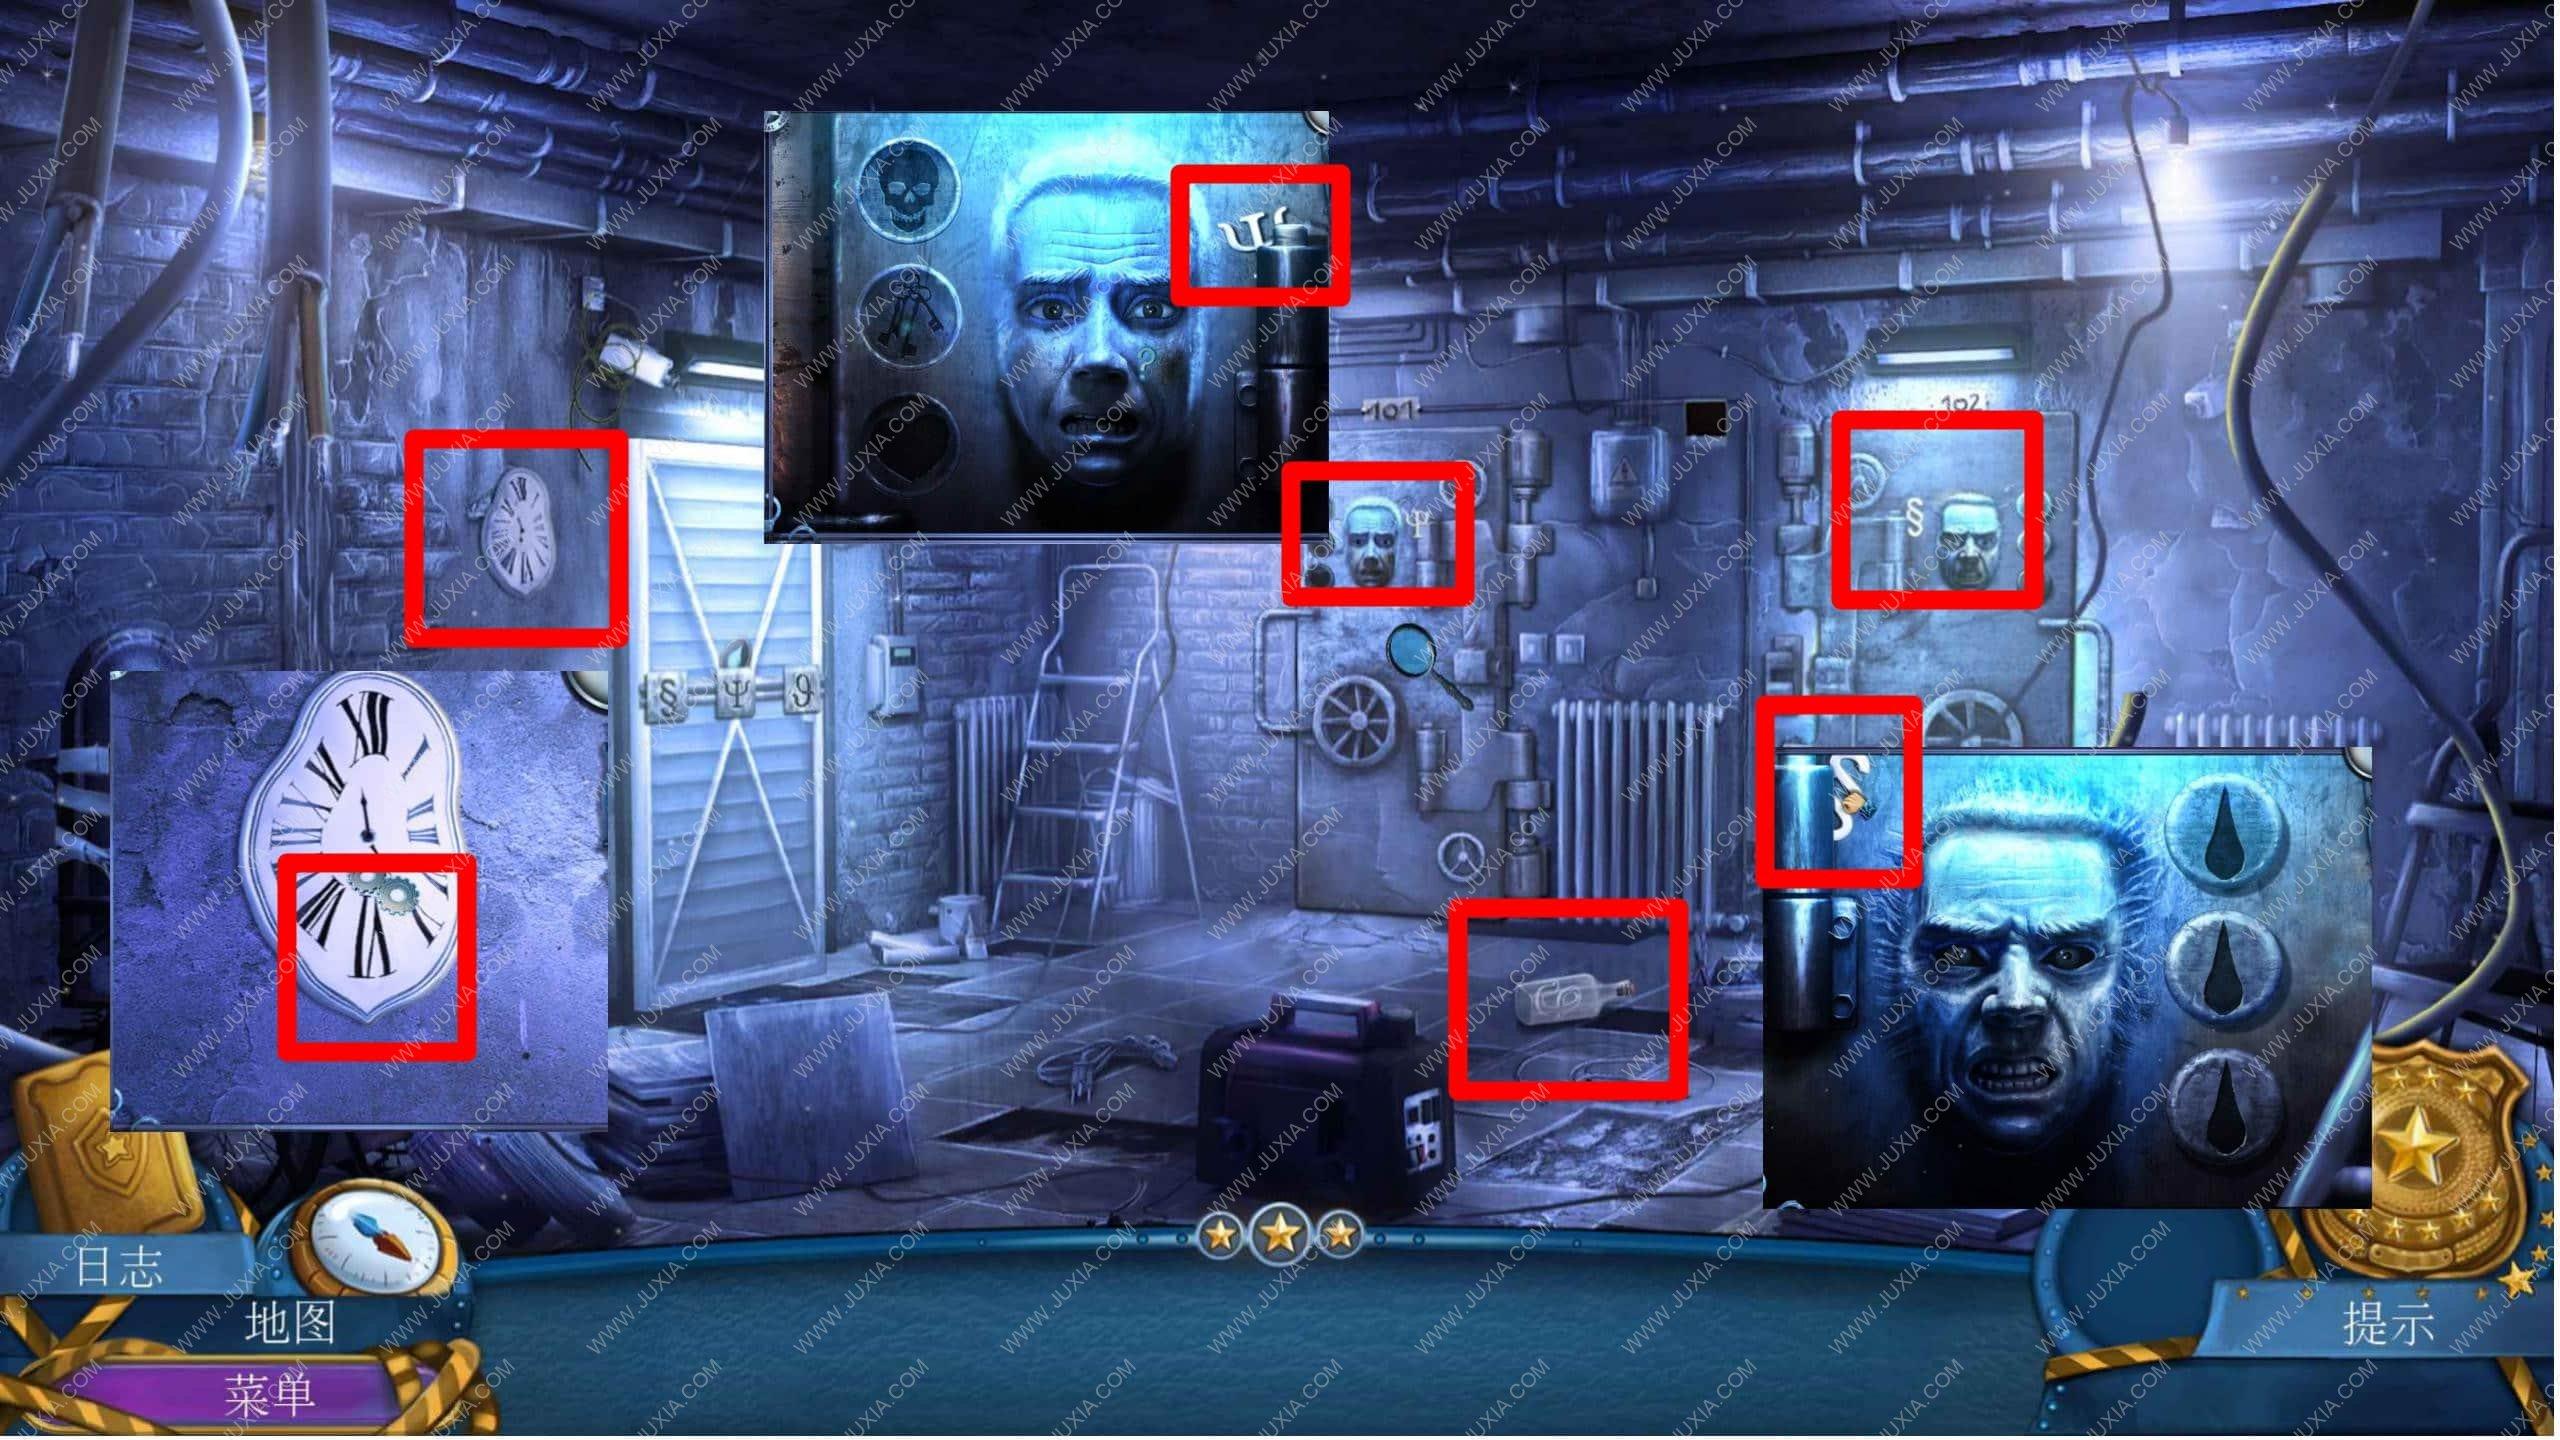 密室逃脱滚动迷城攻略第六章 幽灵档案罪恶的面孔攻略元素徽章